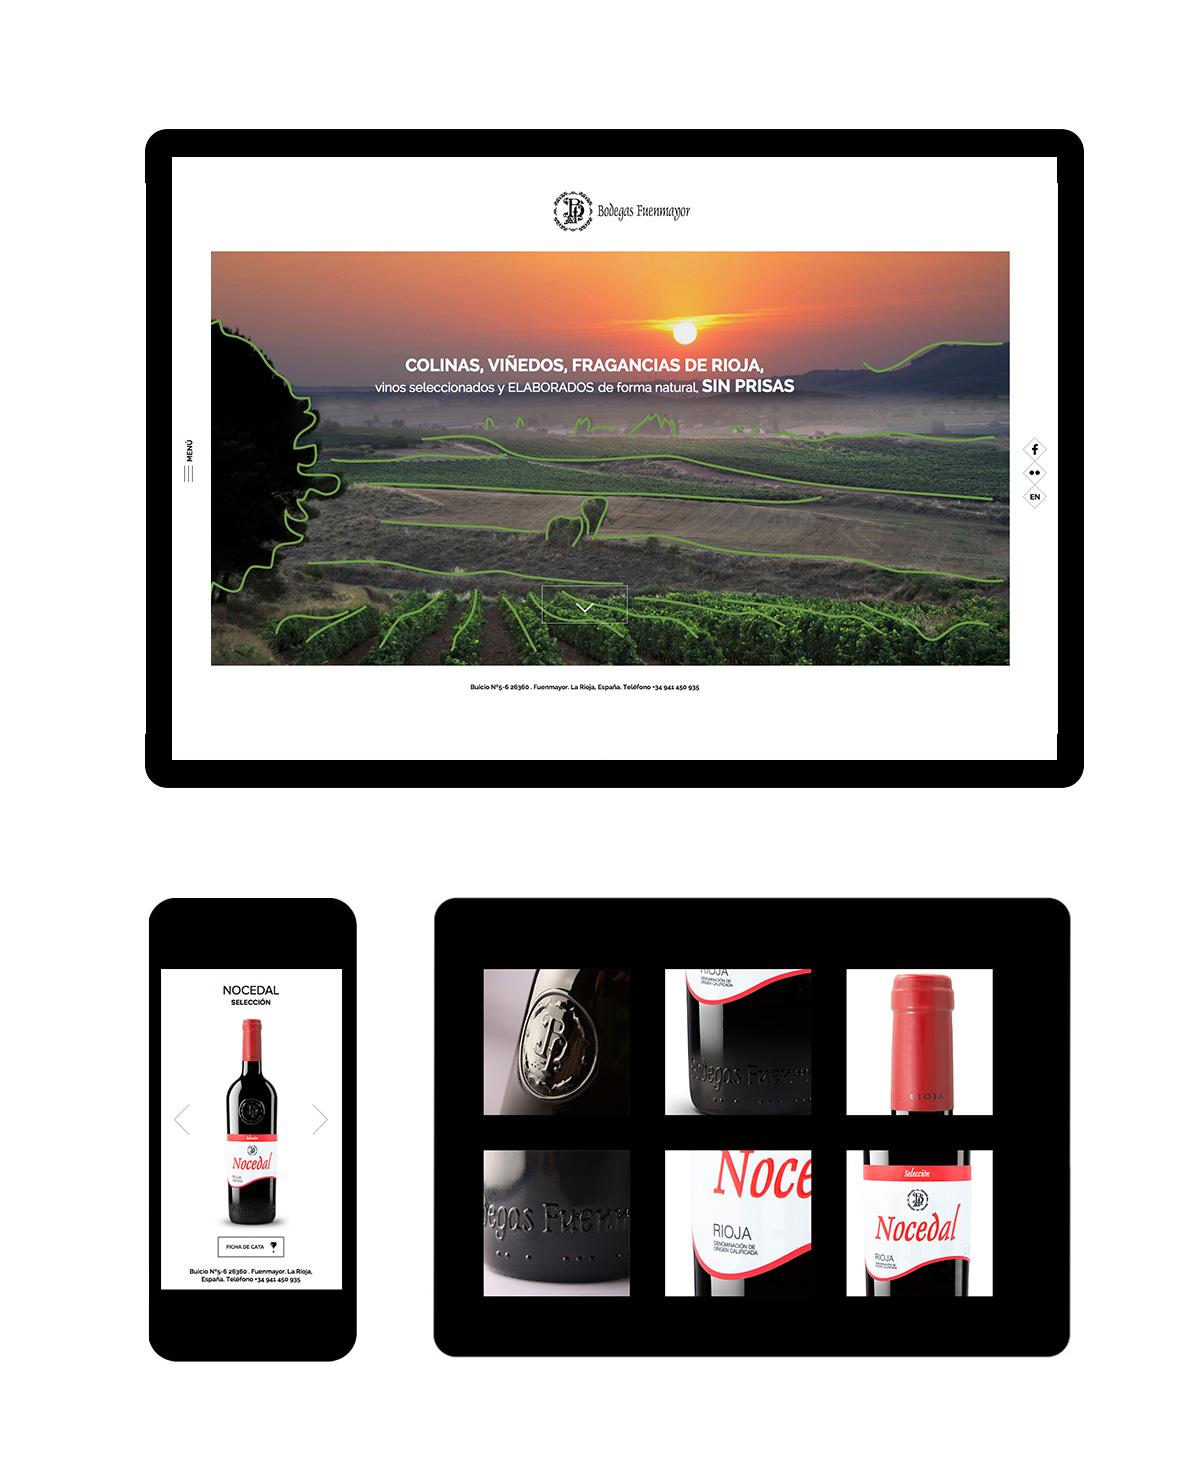 Diseño web Logroño - Bodegas Fuenmayor